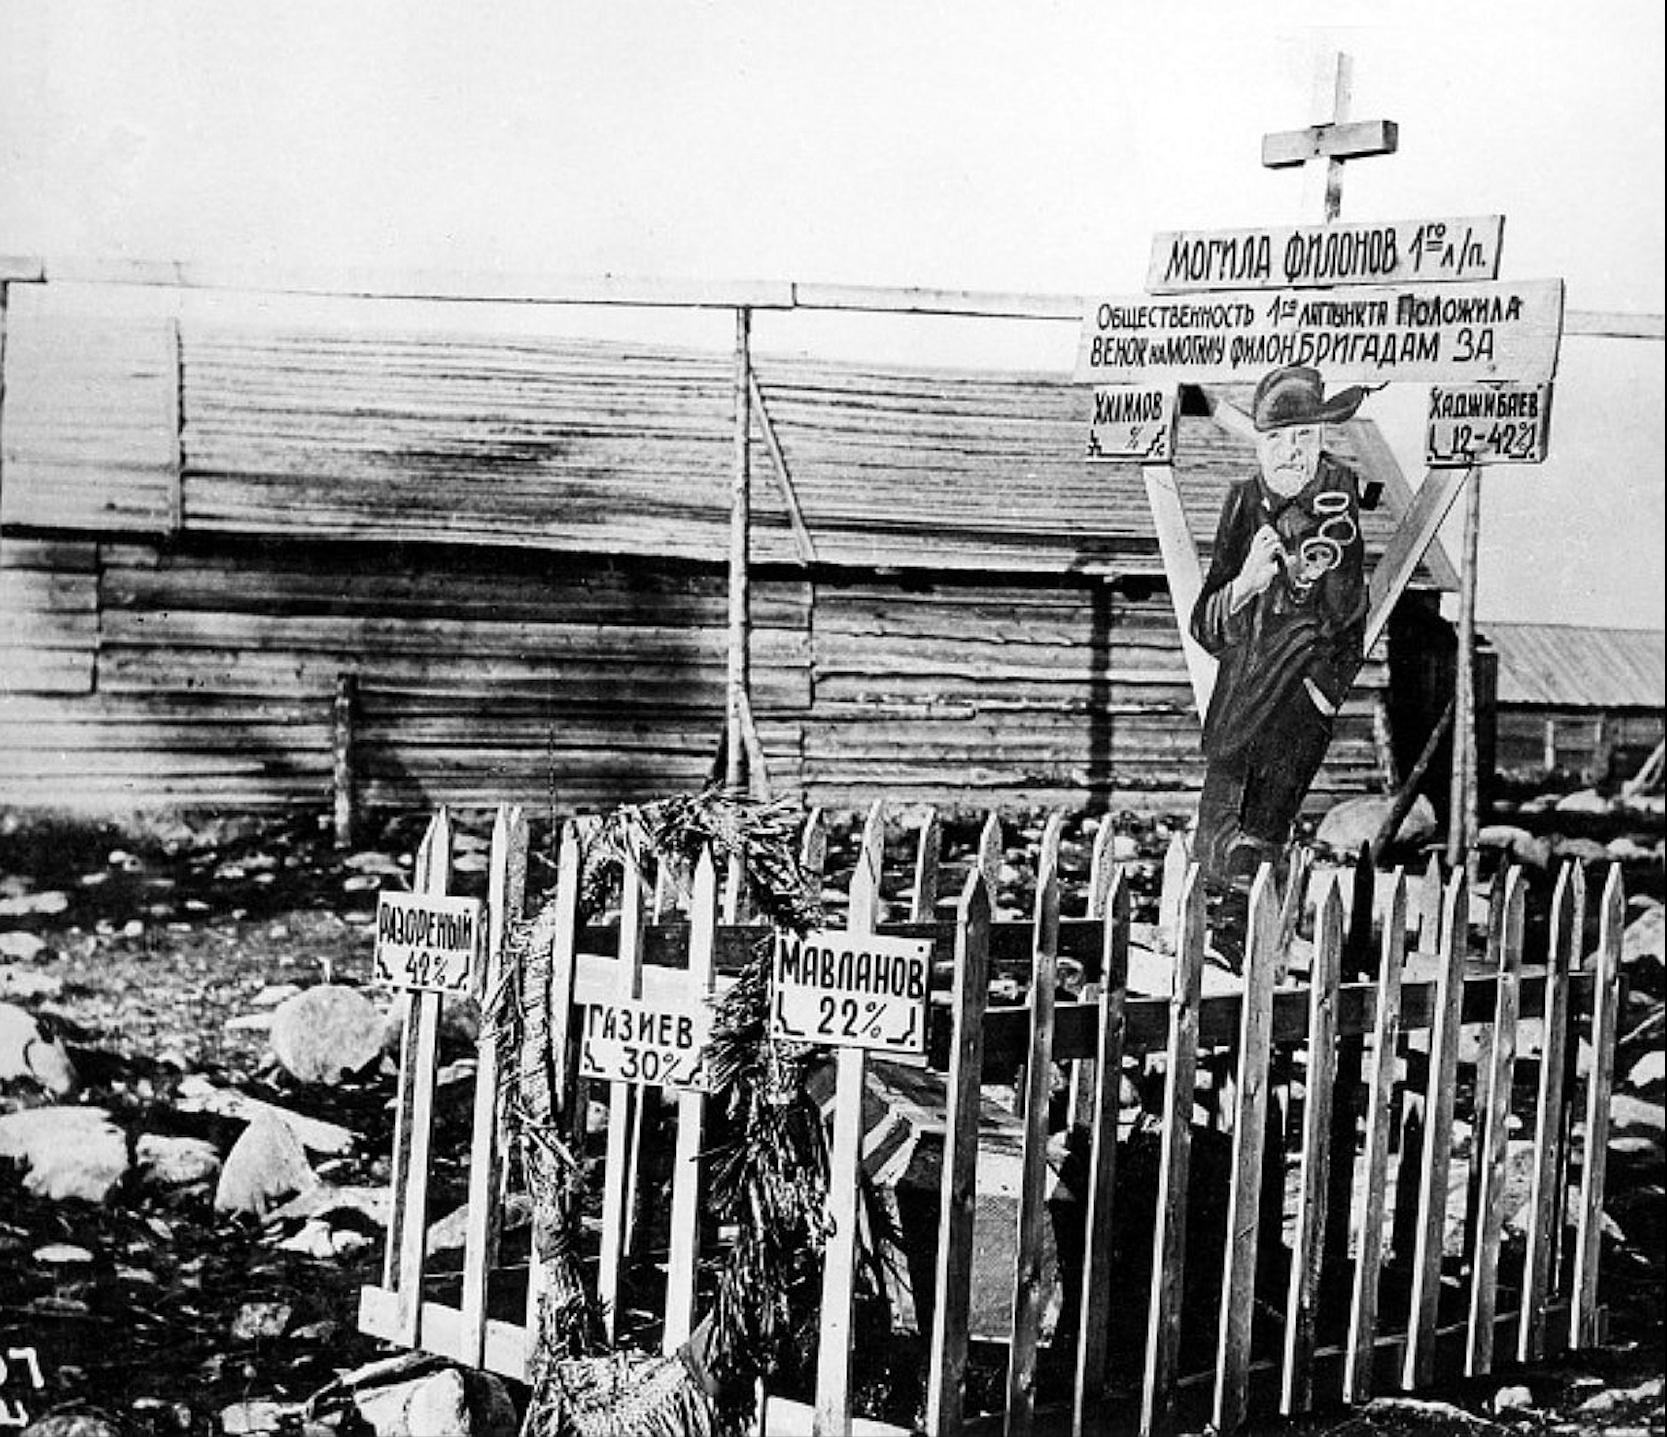 Символическая «Могила филонов 1-го лагерного пункта» - пропагандистское сооружение, унижавшее тех, кто не мог выполнить трудовые нормы.